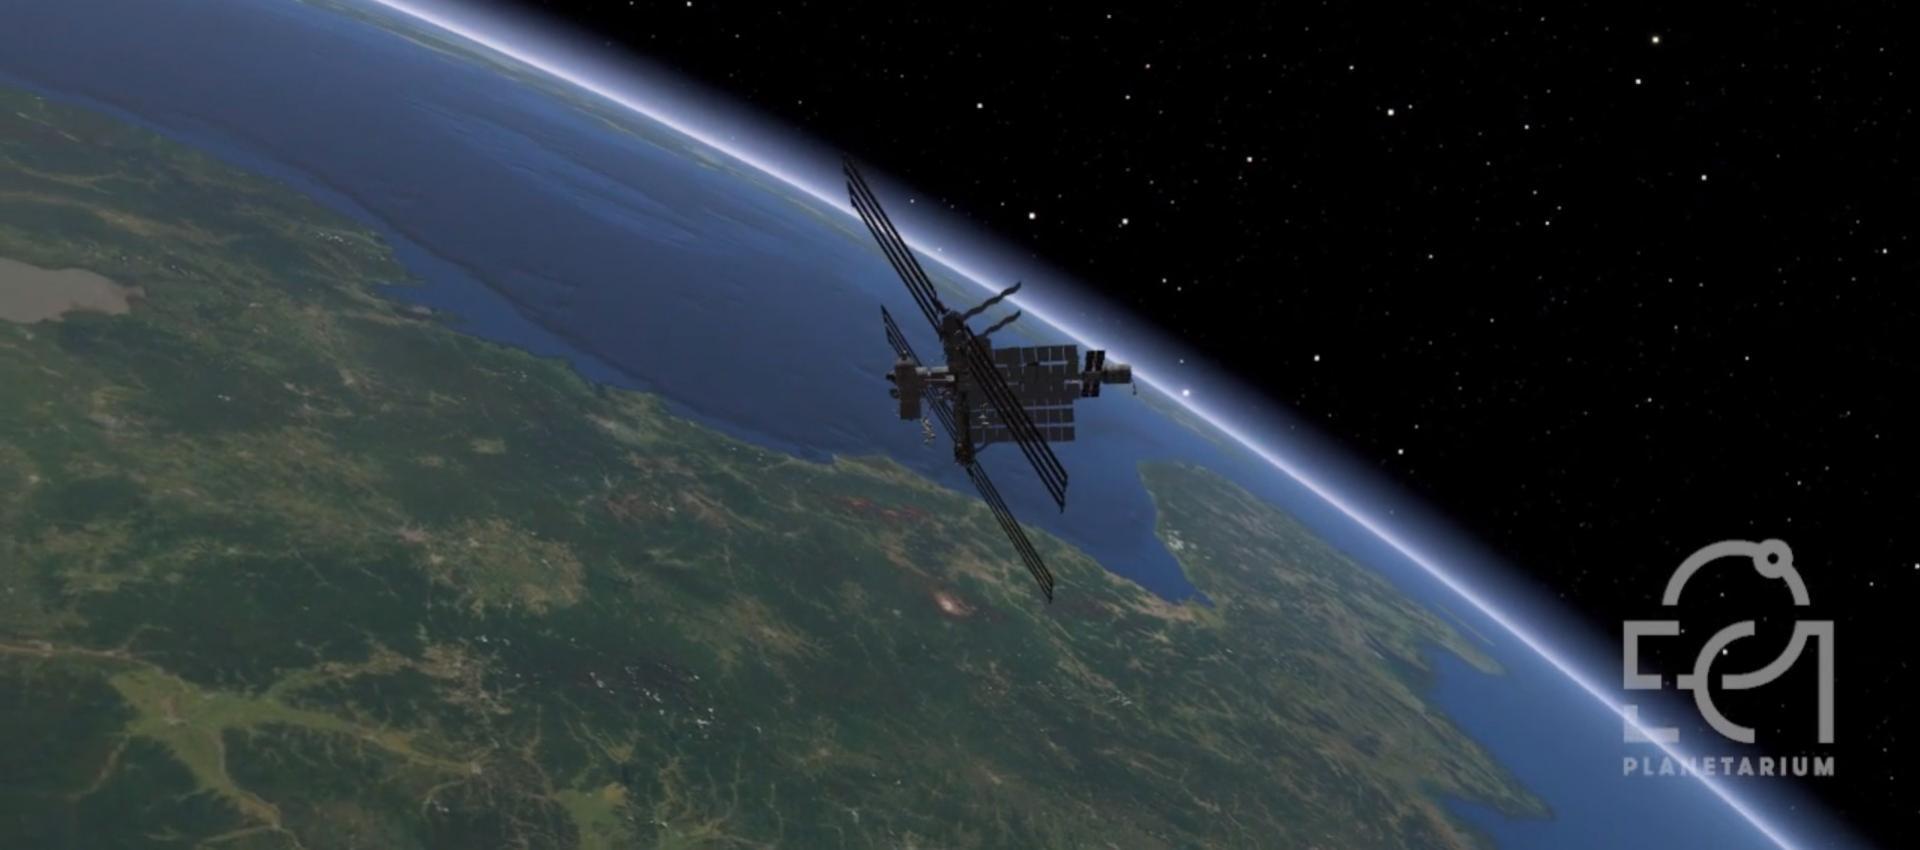 Transmisje na żywo z Planetarium EC1